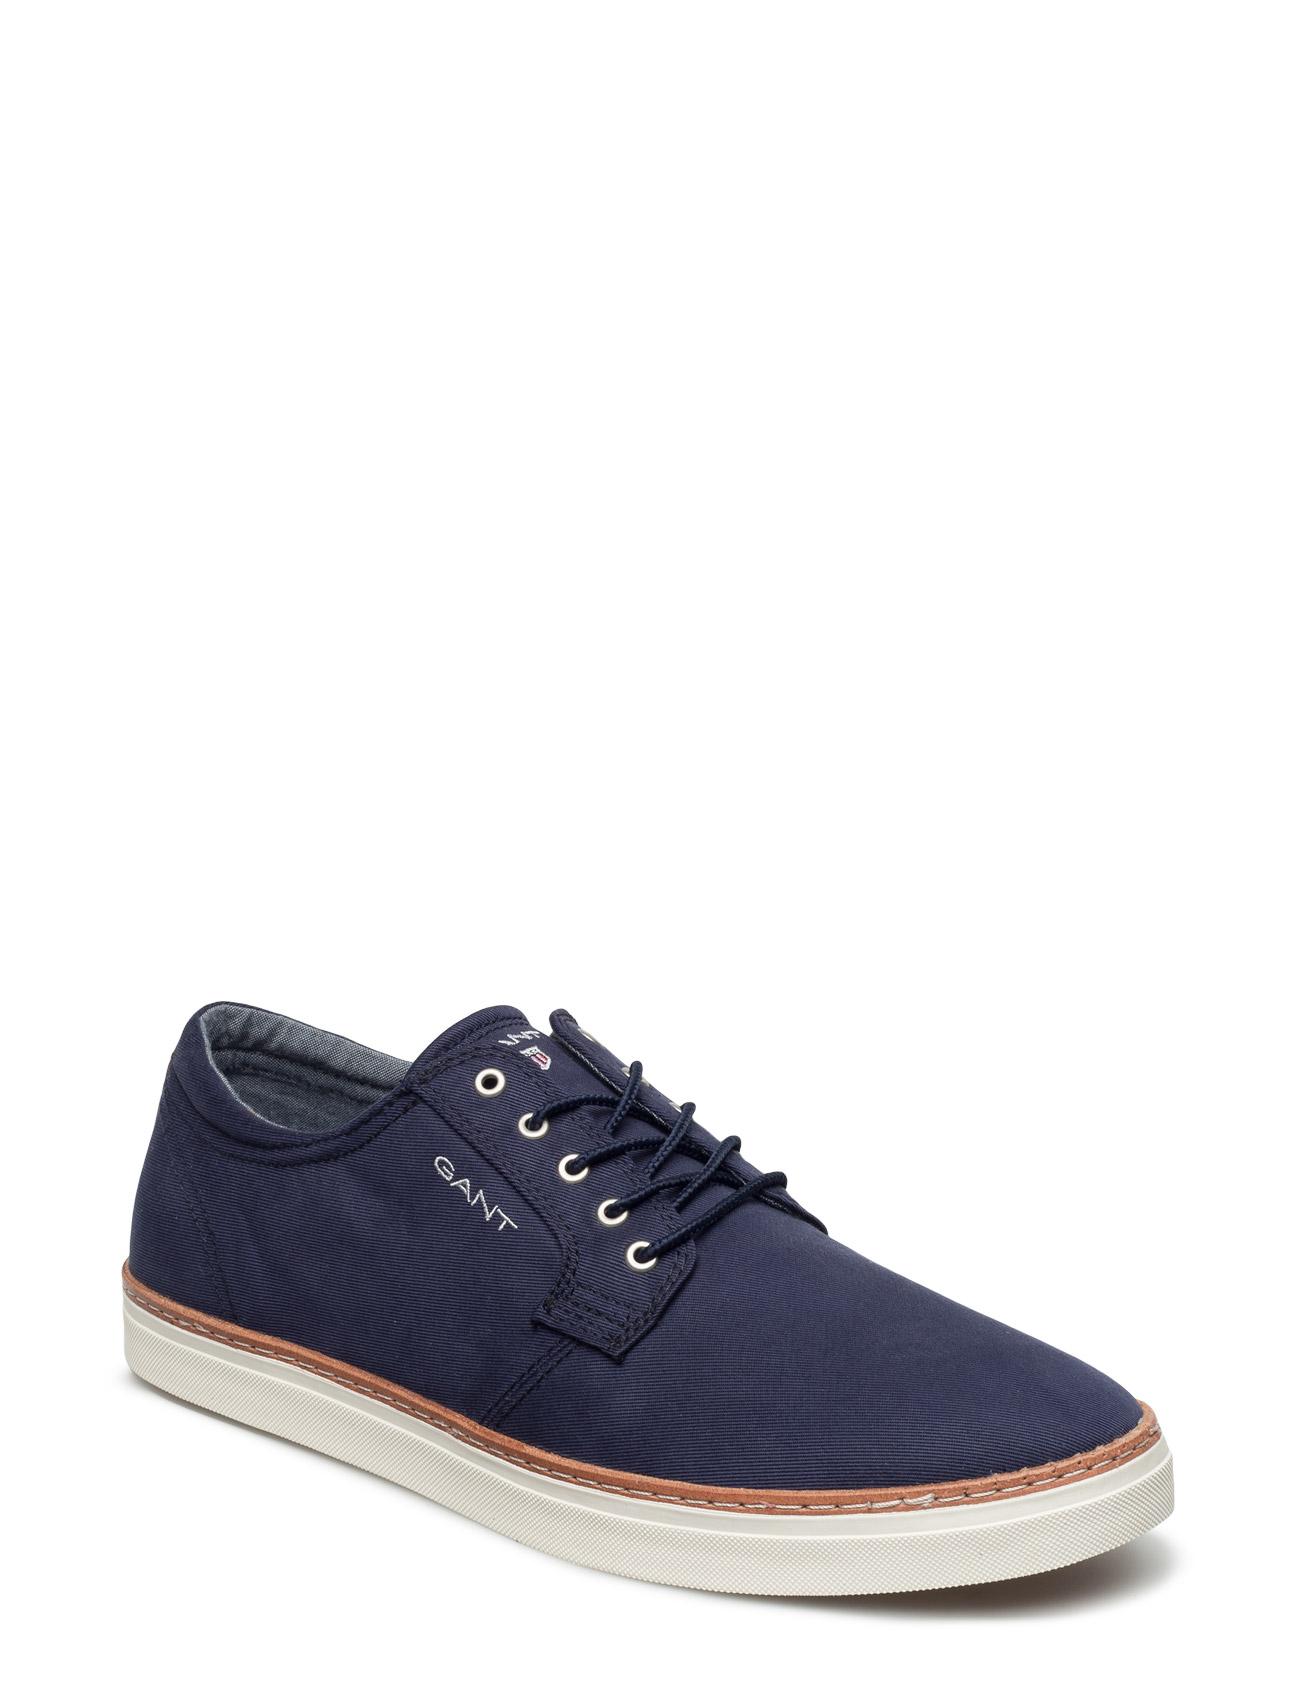 Bari Low Lace Shoes GANT Sneakers til Herrer i Marine blå